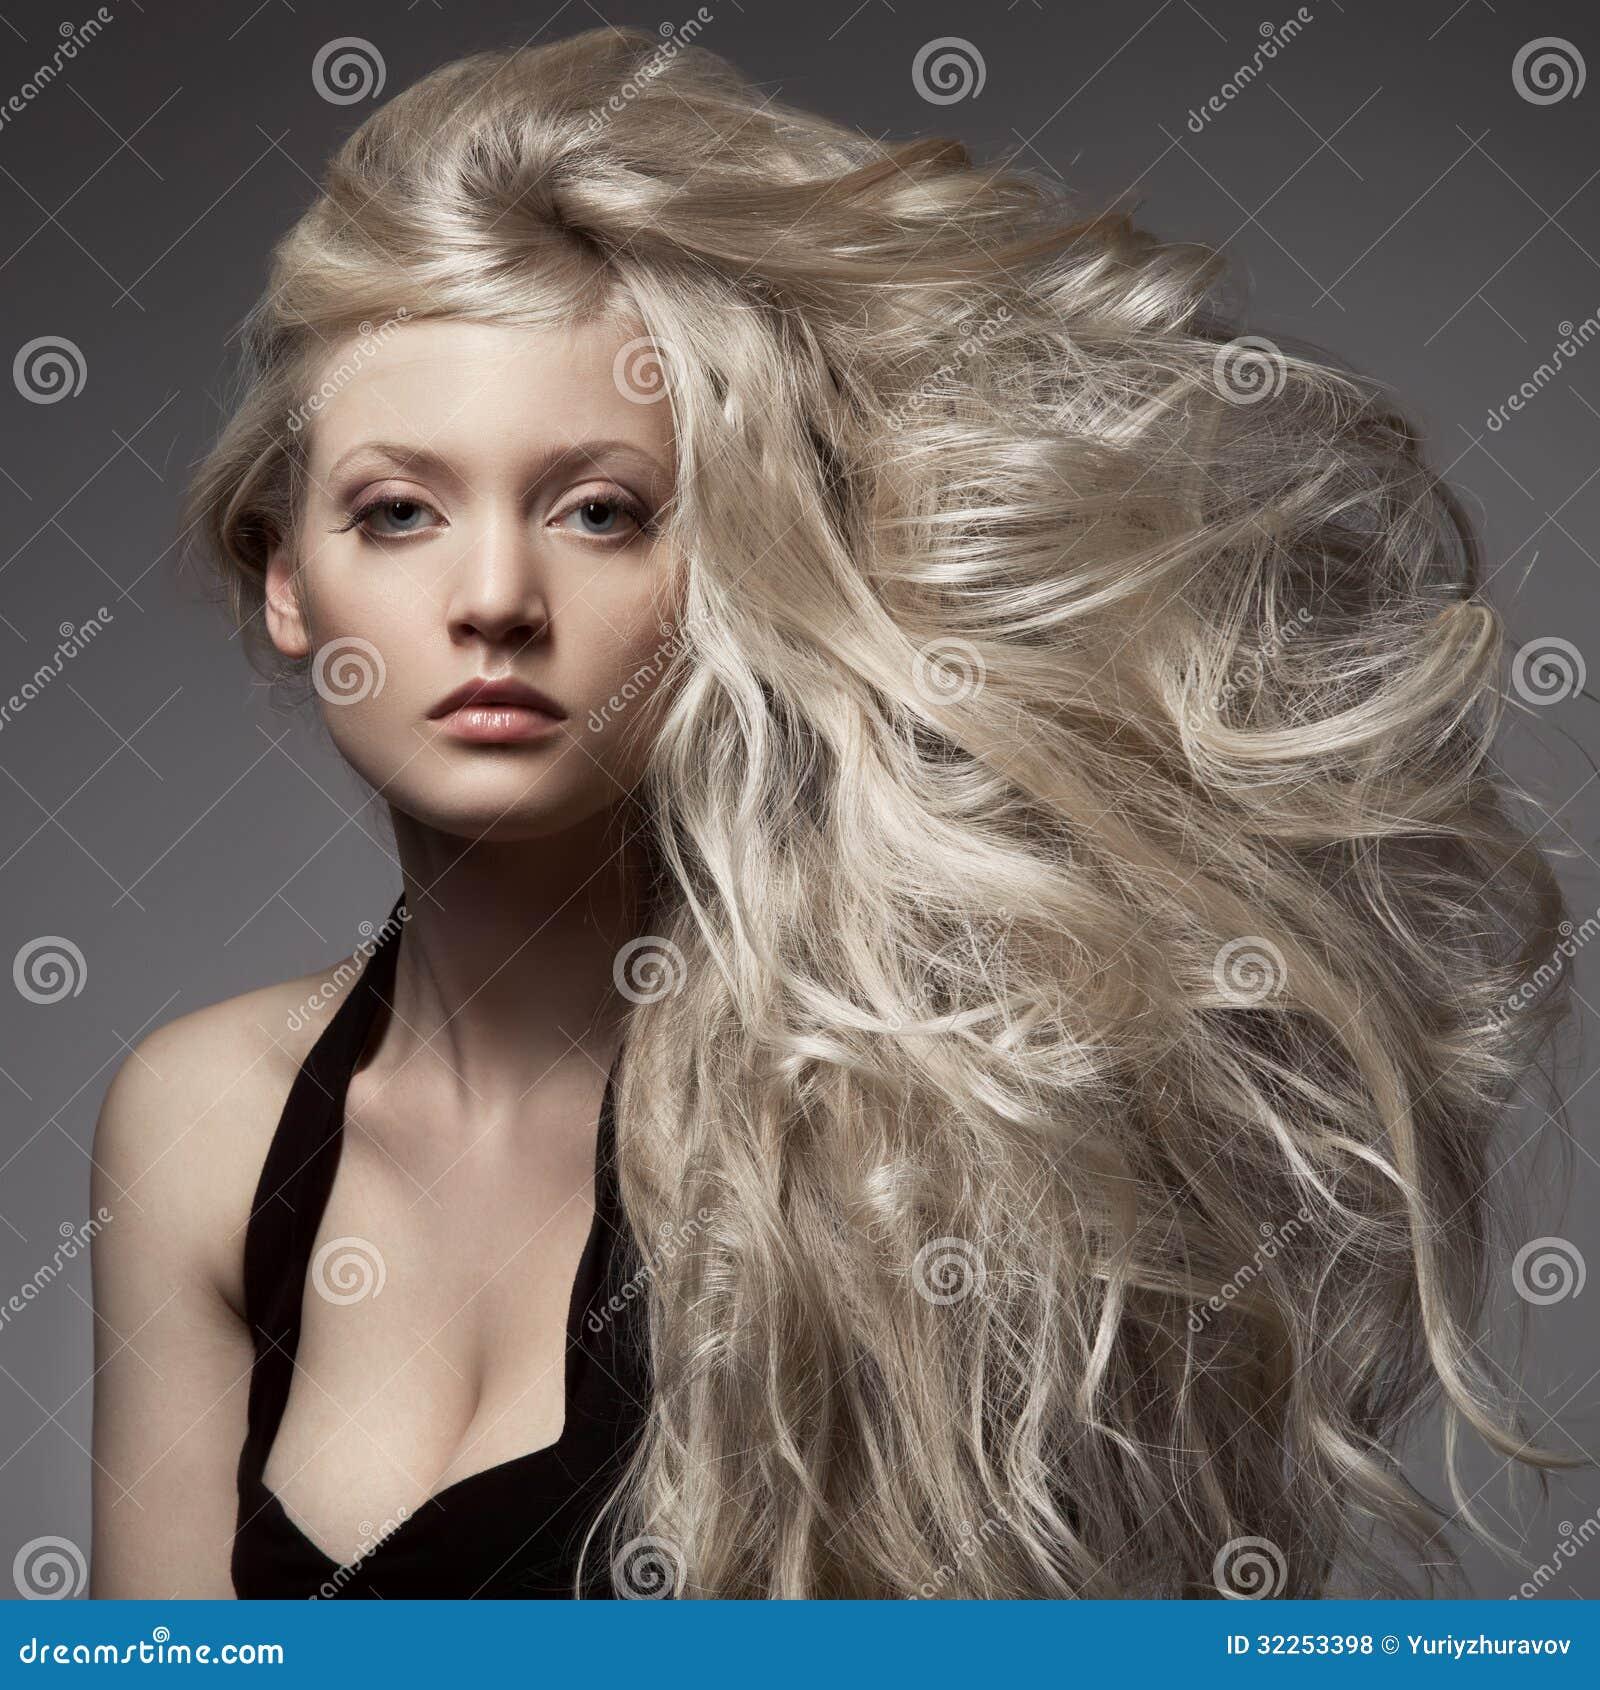 lang haar vrouw blond